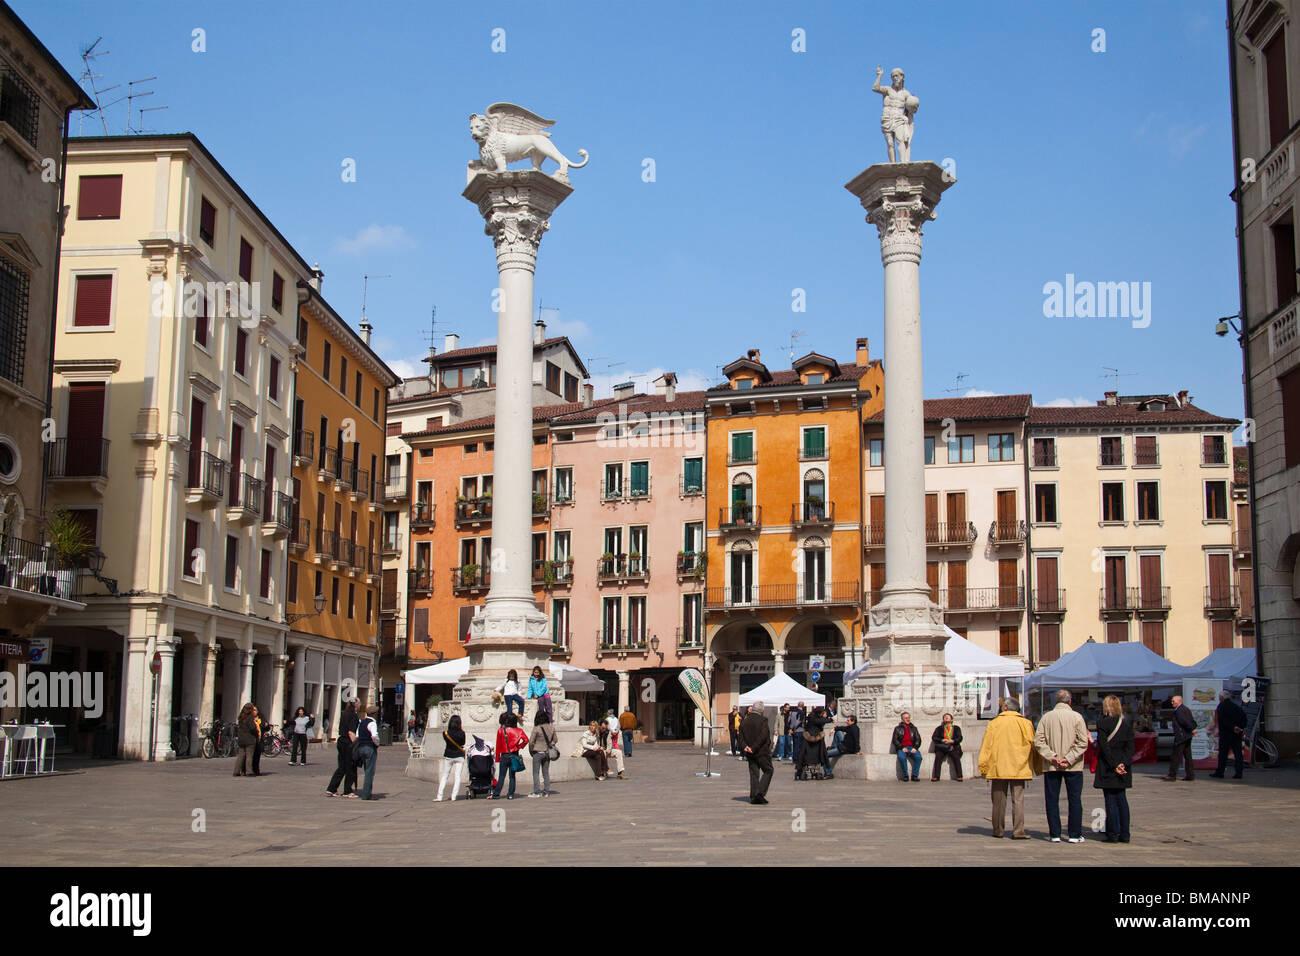 Piazza dei Signori Vicenza Veneto Italy - Stock Image